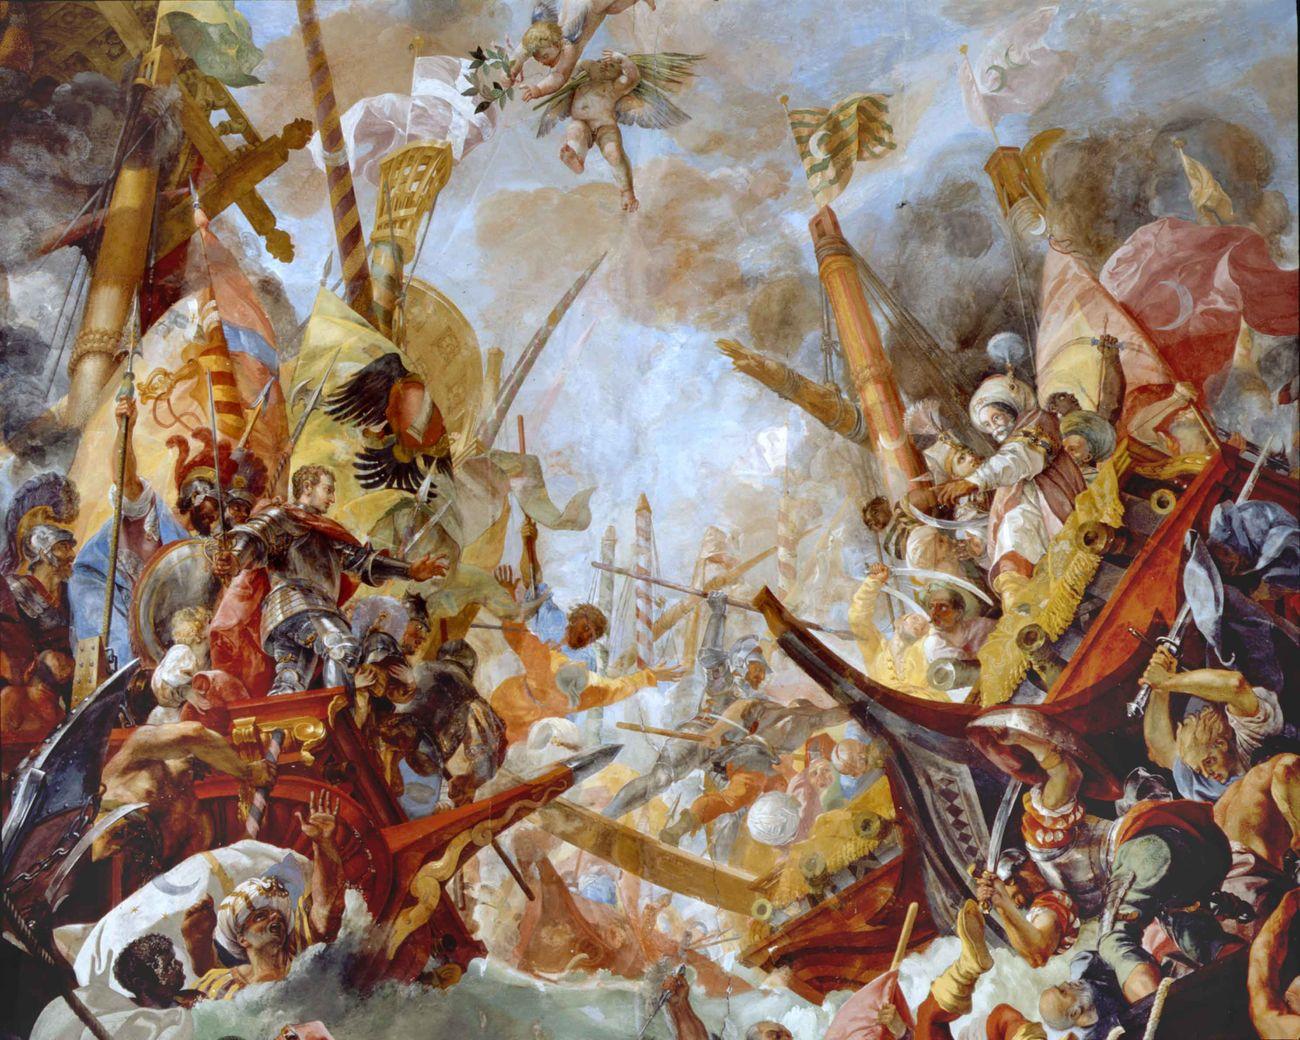 Dettaglio degli affreschi della Galleria. Palazzo Colonna, Roma